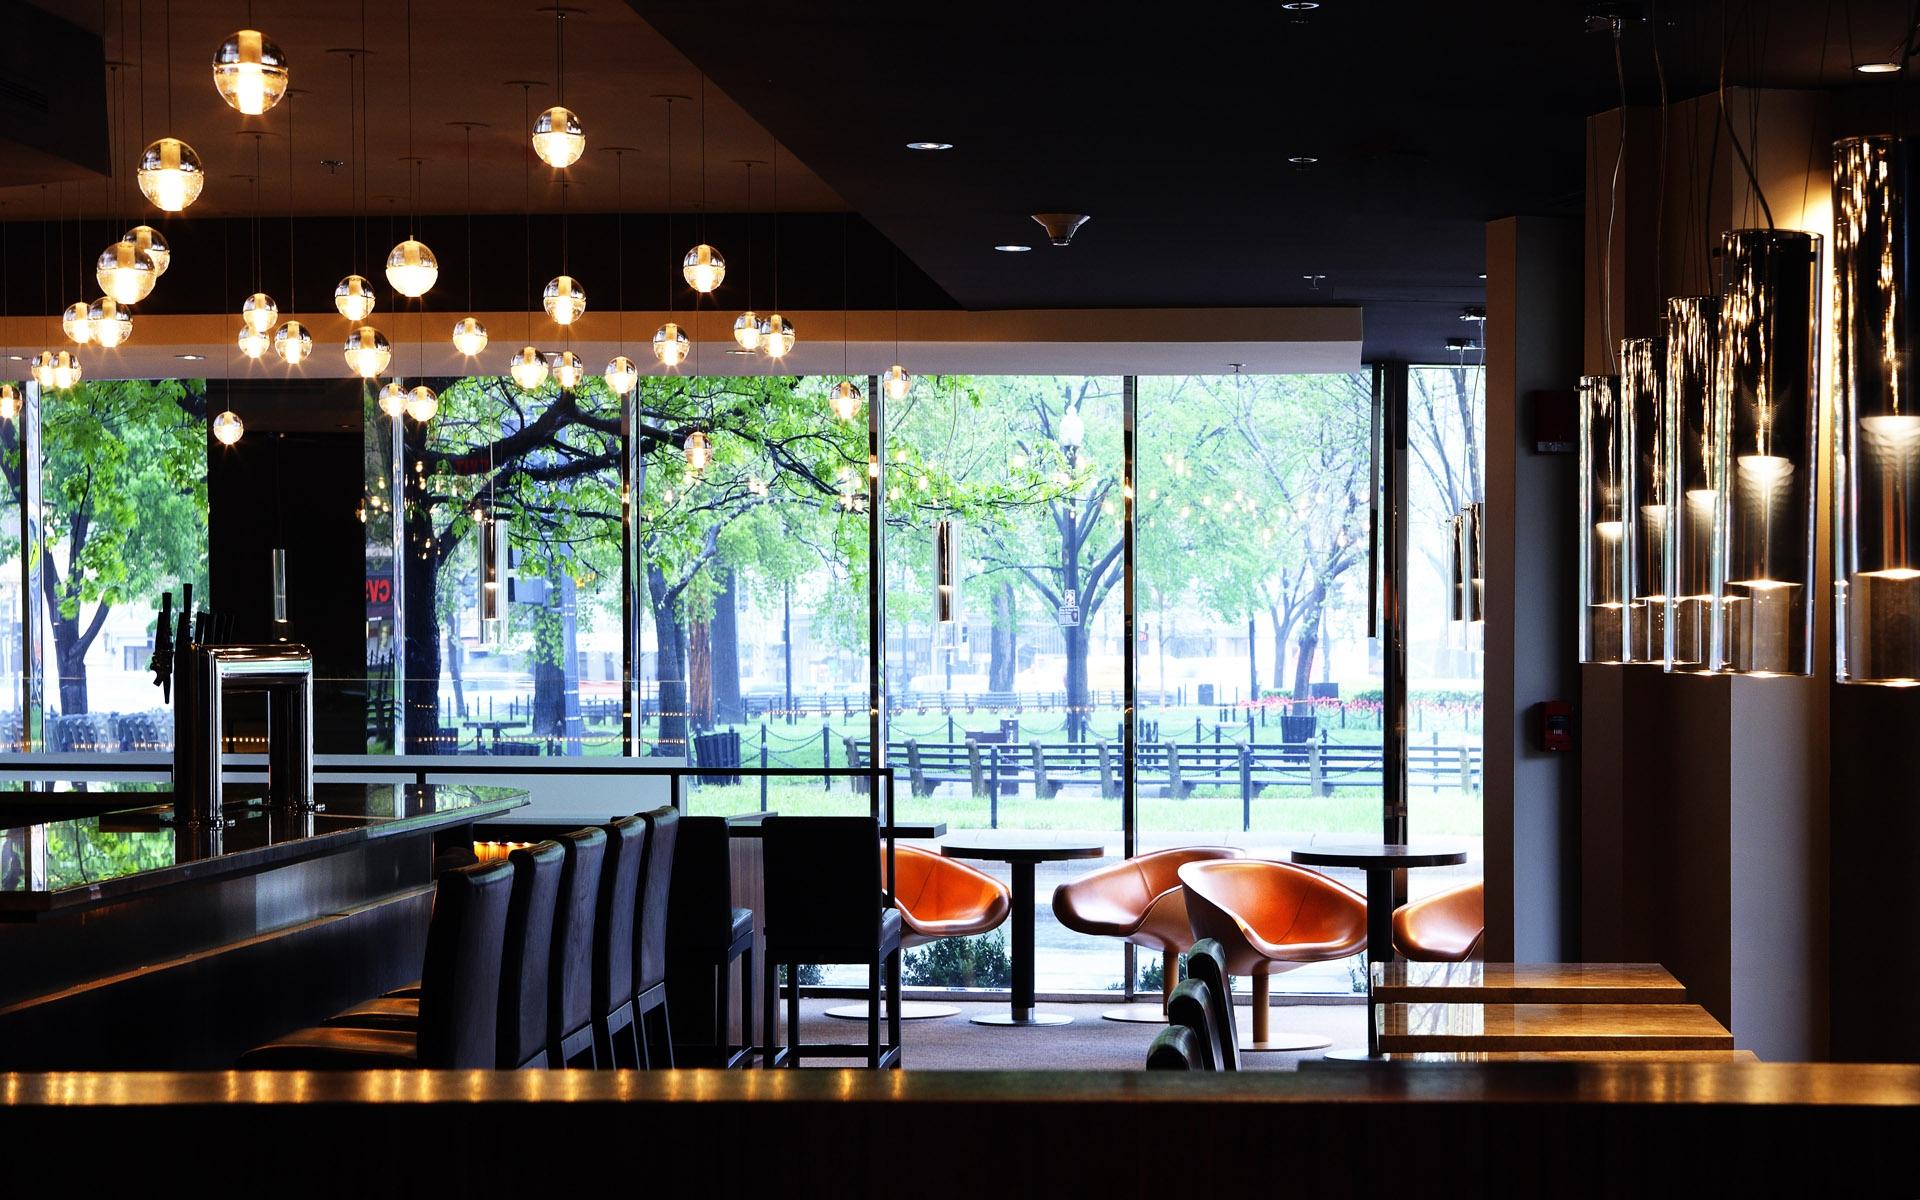 Illuminazione Tavoli Ristorante : Sfondi bicchiere ricorrere bar ristorante interior design